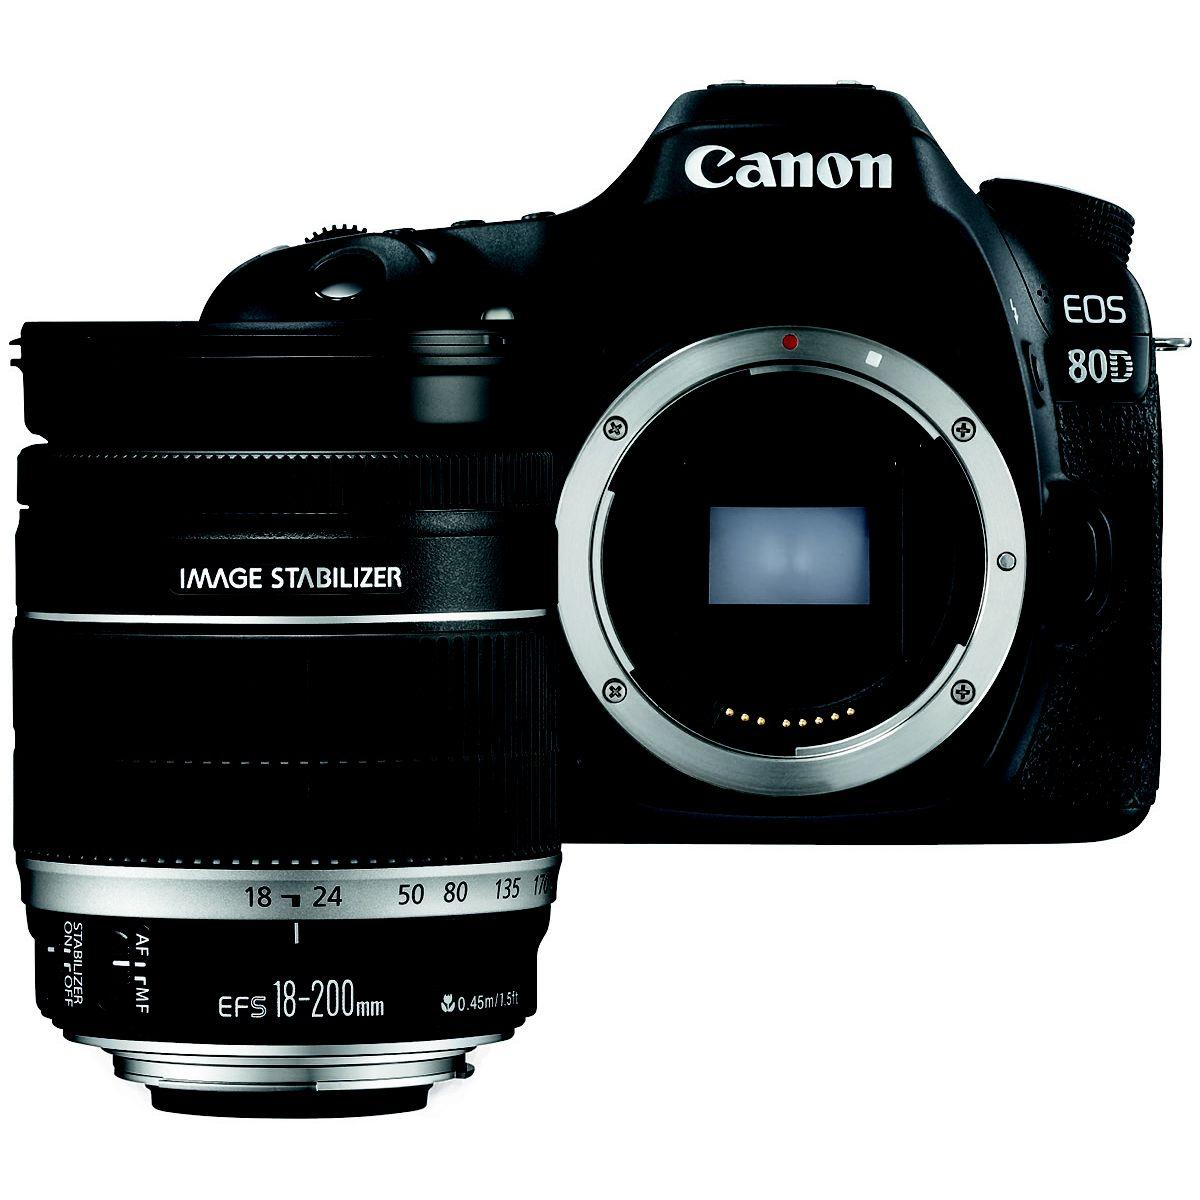 Appareil photo reflex canon eos 80d + 18-200 is